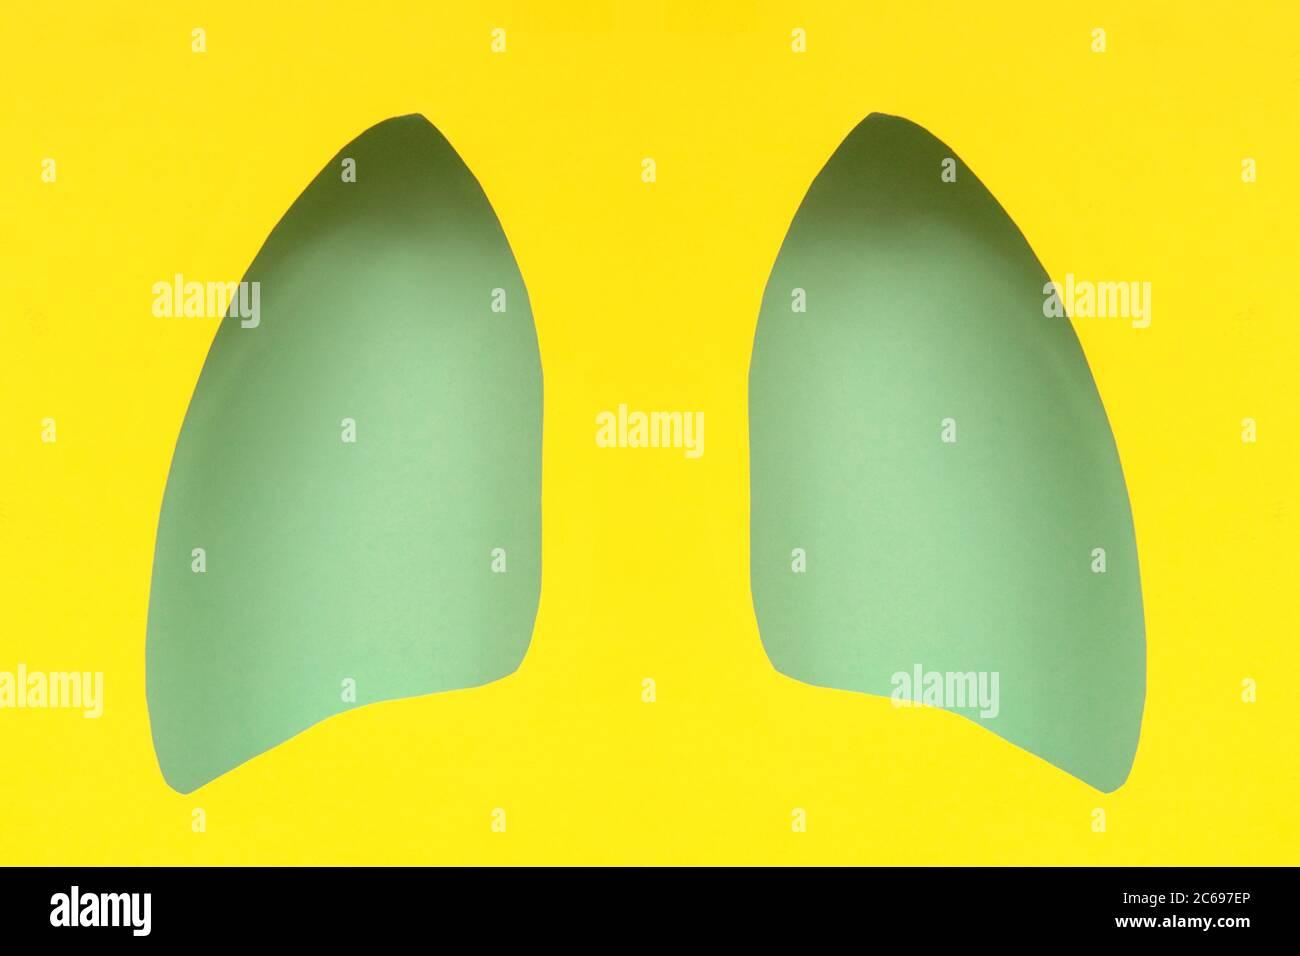 Carta simbolo polmoni arte, turchese e giallo. Giornata mondiale della tubercolosi. Assistenza sanitaria, medicina, cancro ai polmoni, organo donatore interno e smettere di fumare campai Foto Stock